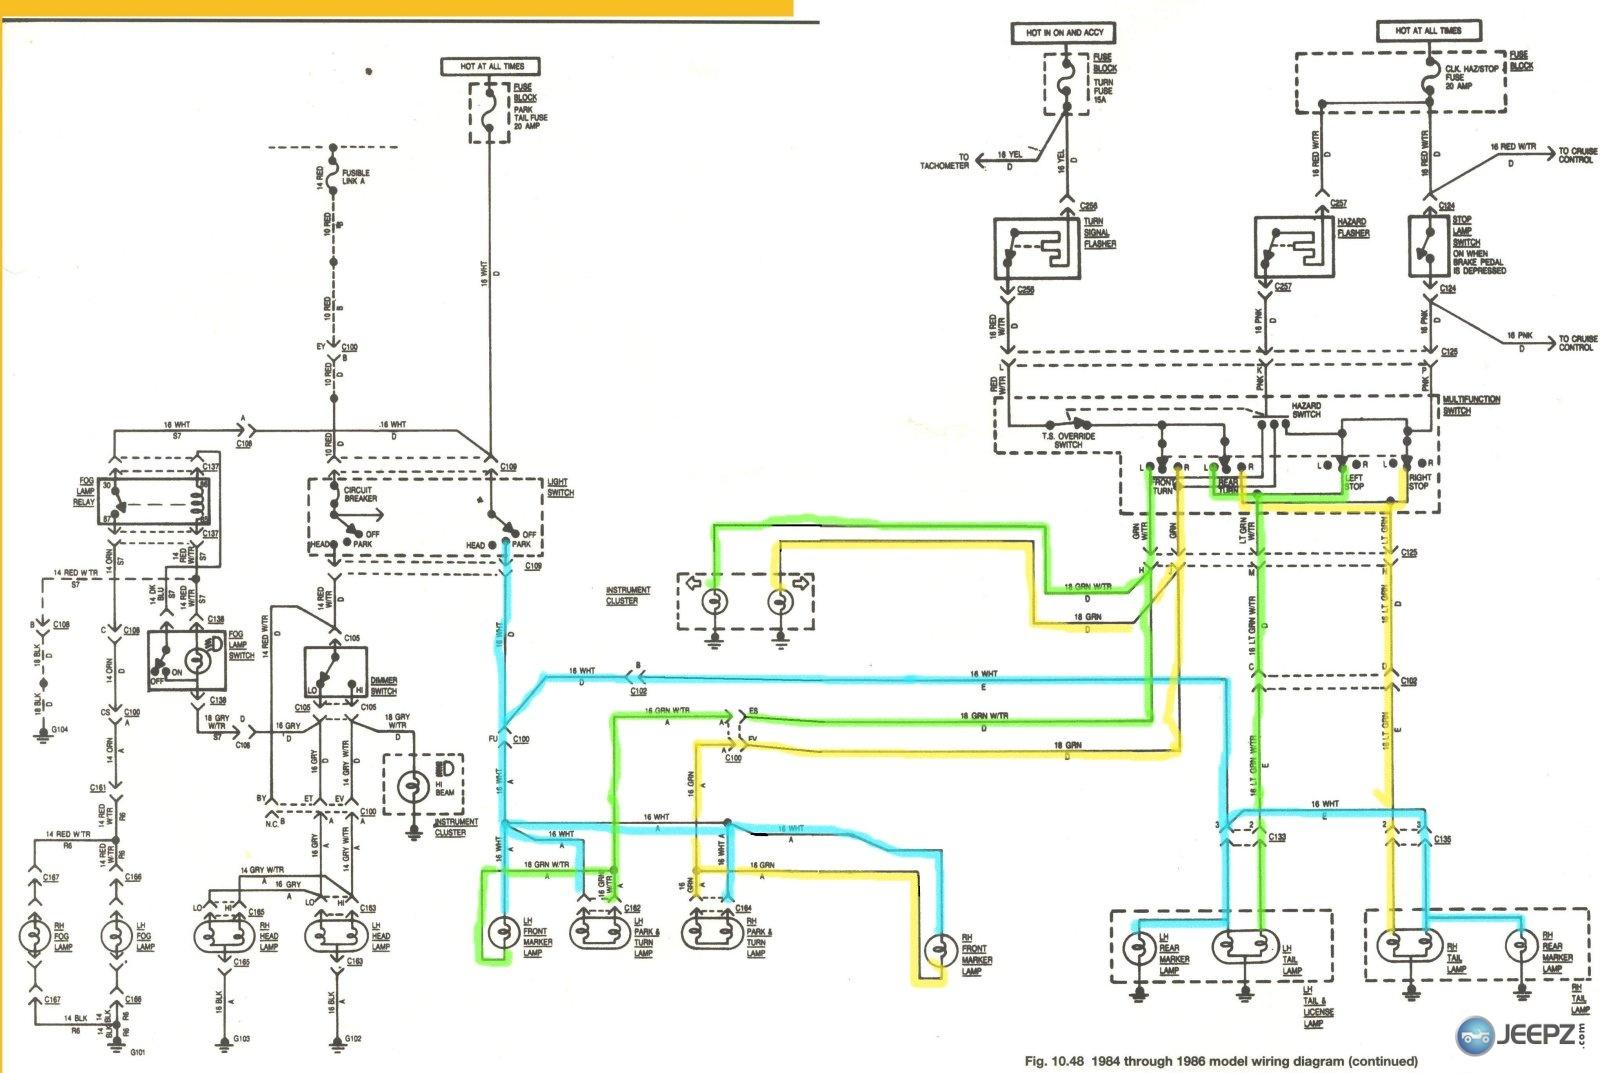 1994 ford f150 wiring diagram facbooik com 1984 F150 Wiring Diagram 1994 ford ranger stereo wiring diagram wiring diagram 1984 f150 wiring diagram